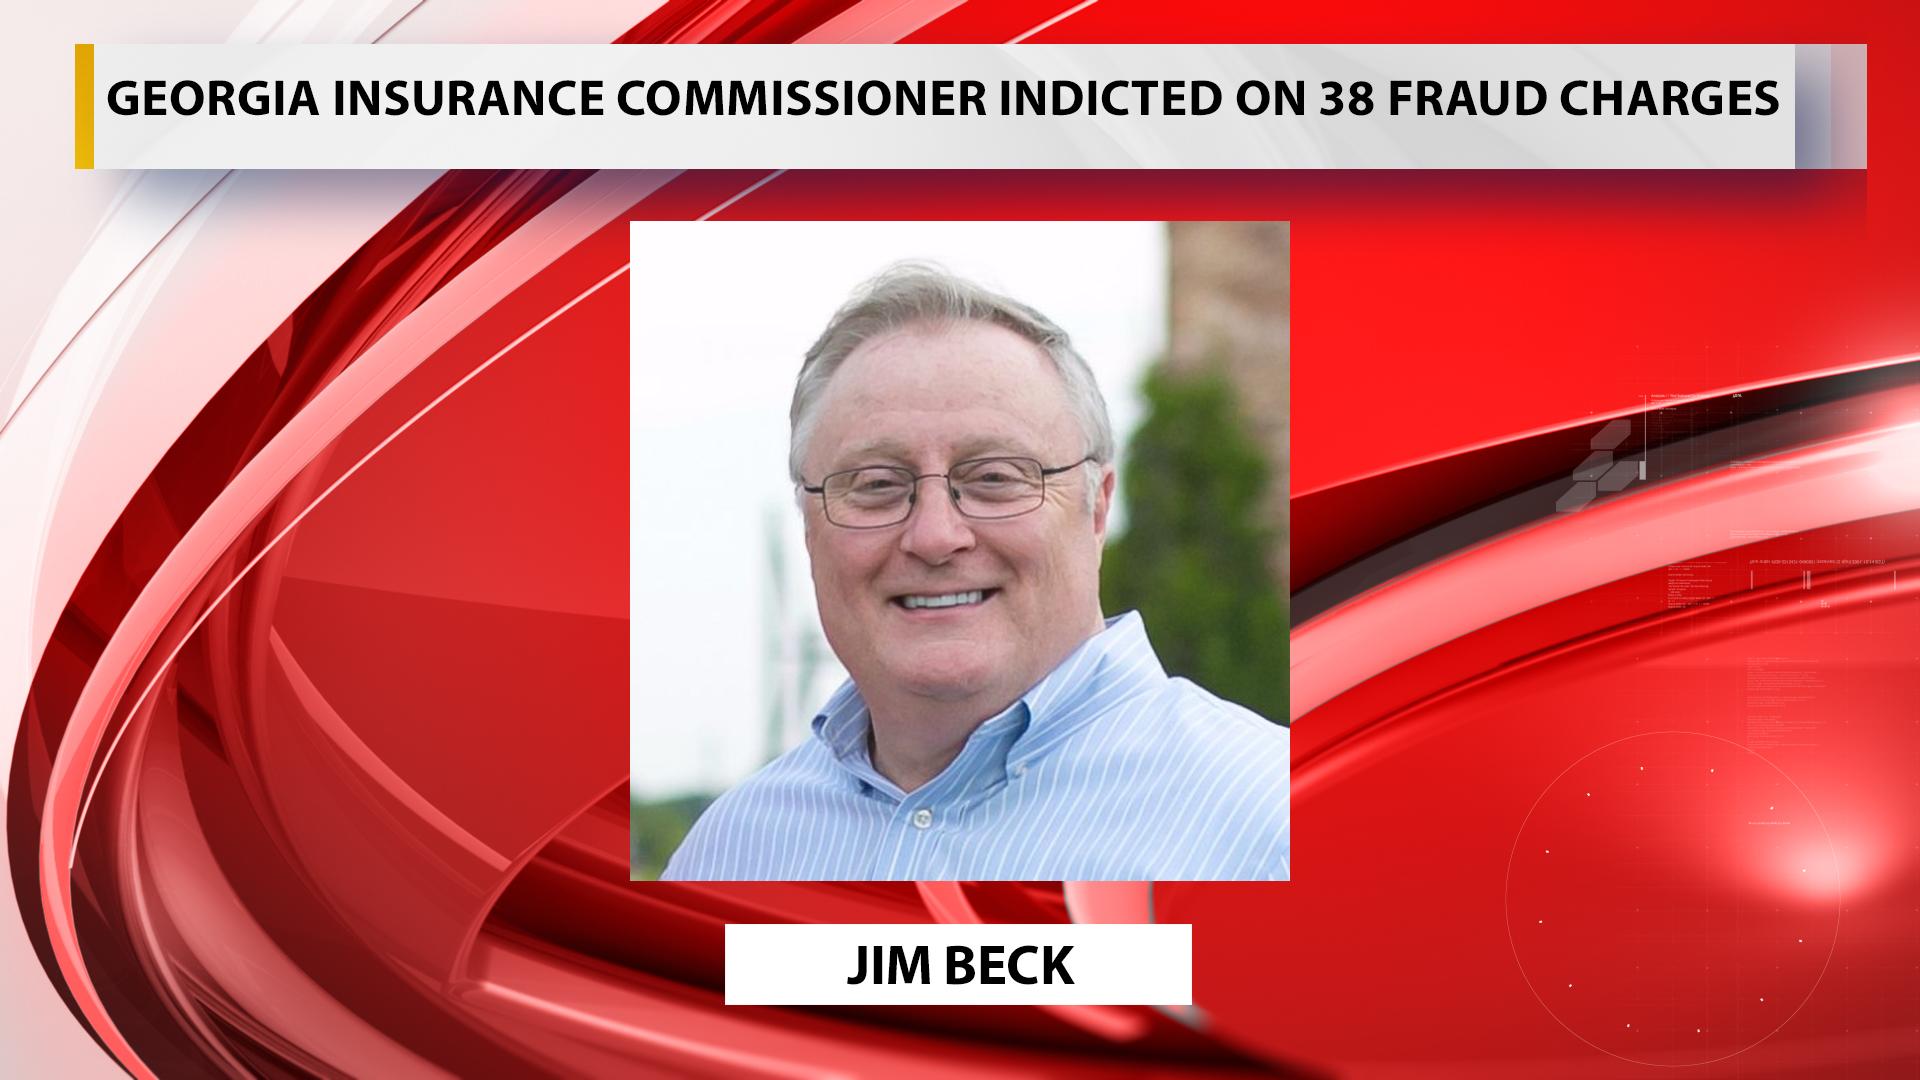 Jim Beck branded_1557958749645.jpg.jpg